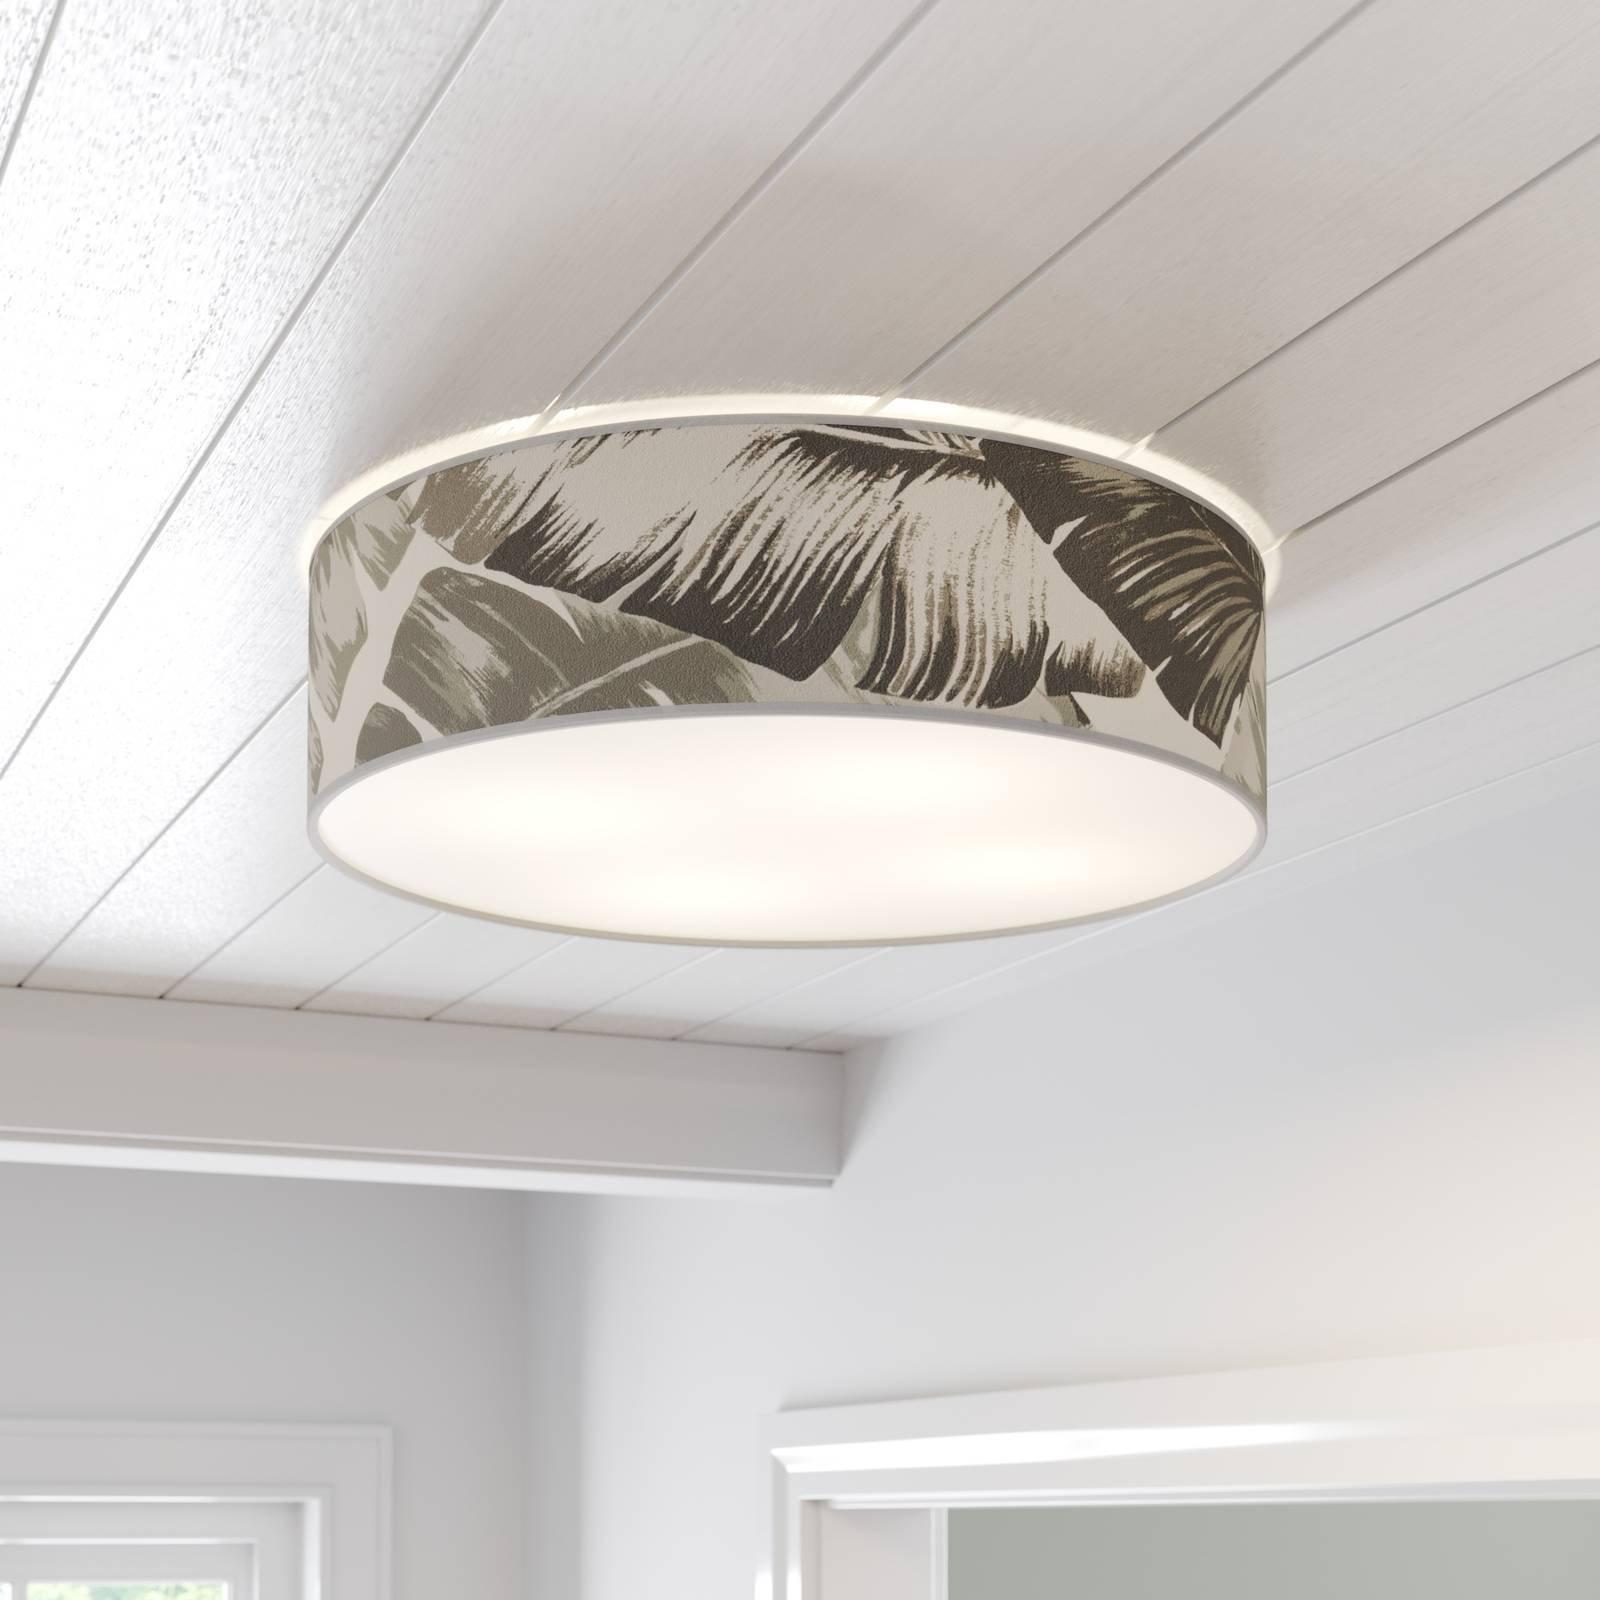 Taklampe Madera med blende rund, Ø 58 cm